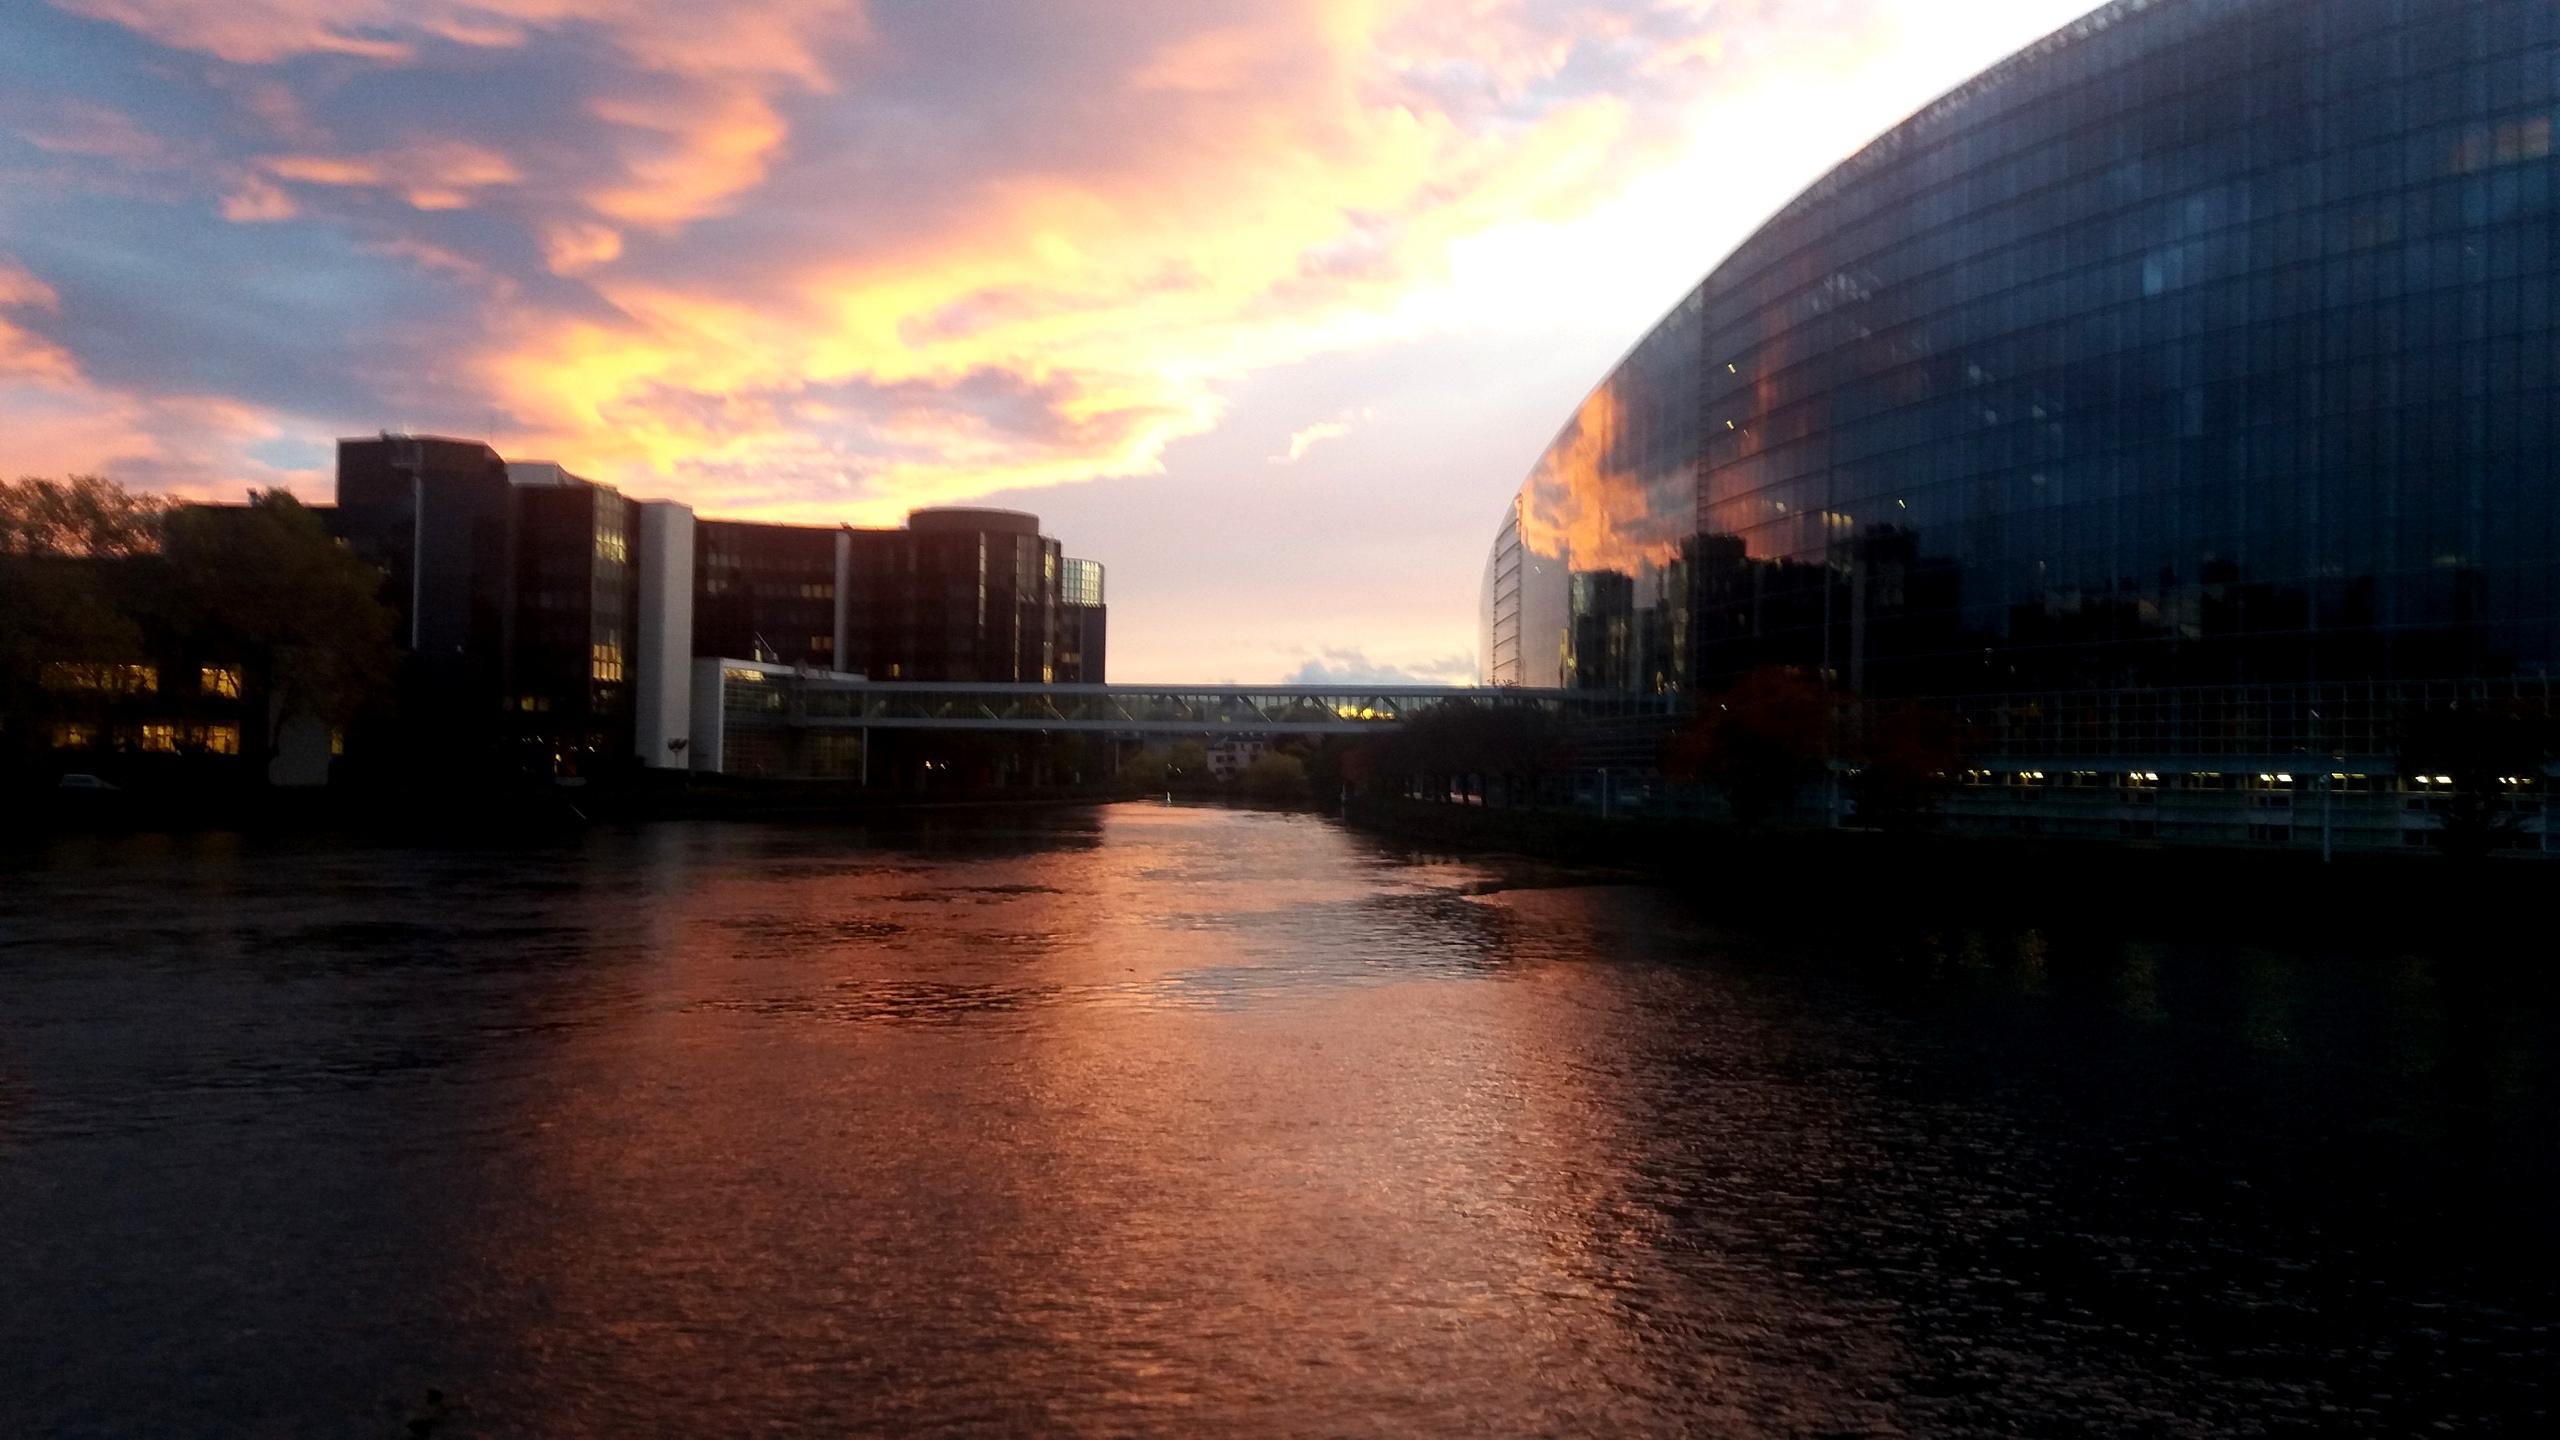 Разноцветный Страсбург: столица Рождества и европейской бюрократии